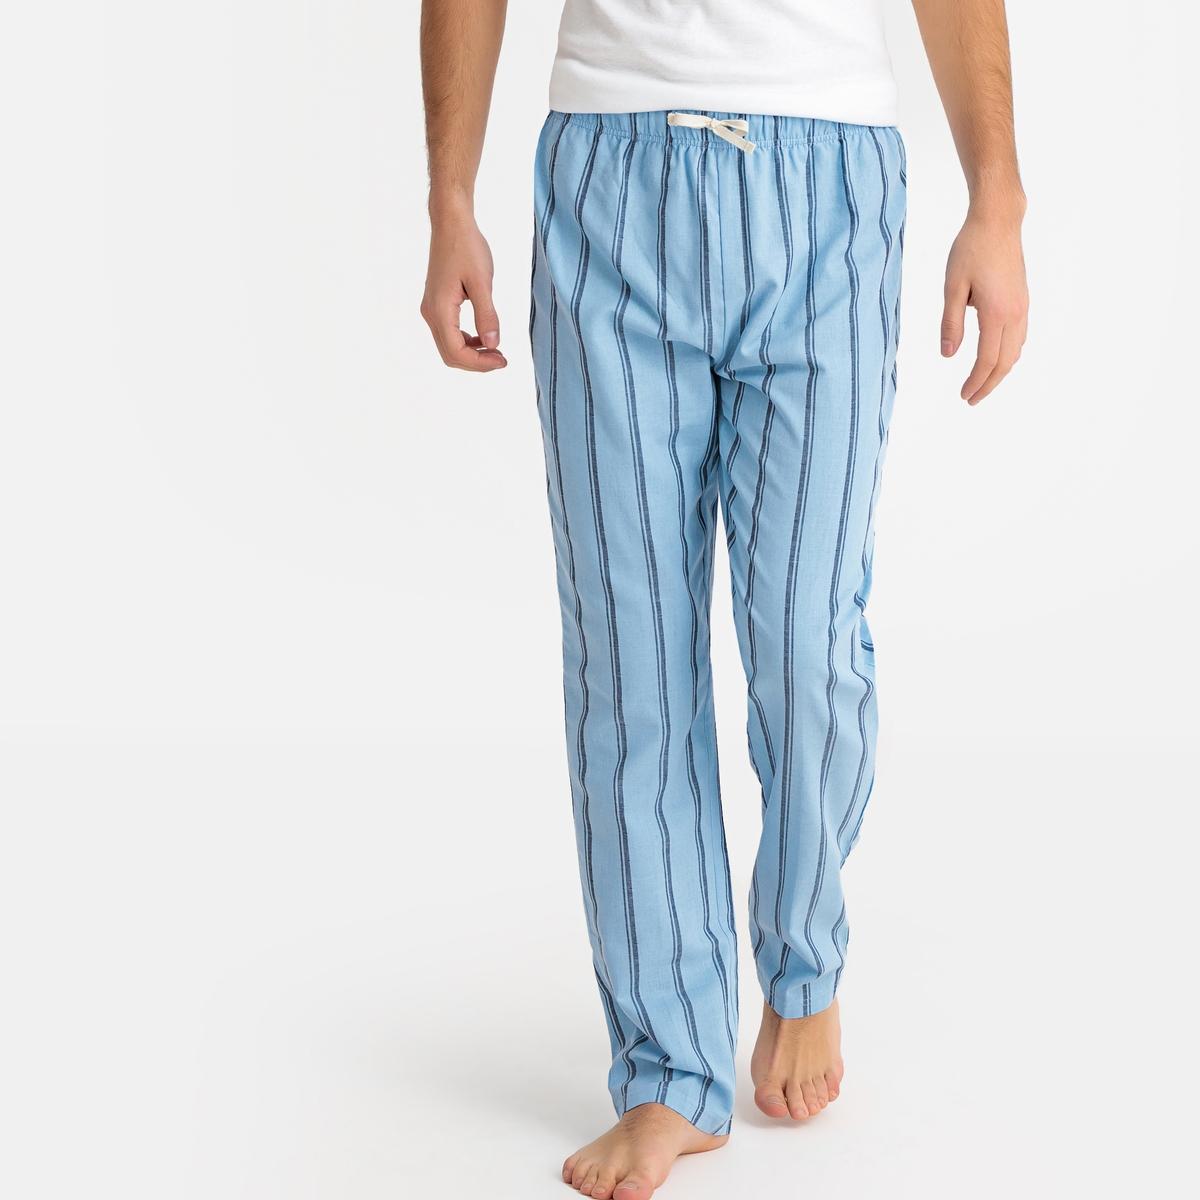 Calças de pijama às riscas, cós elástico